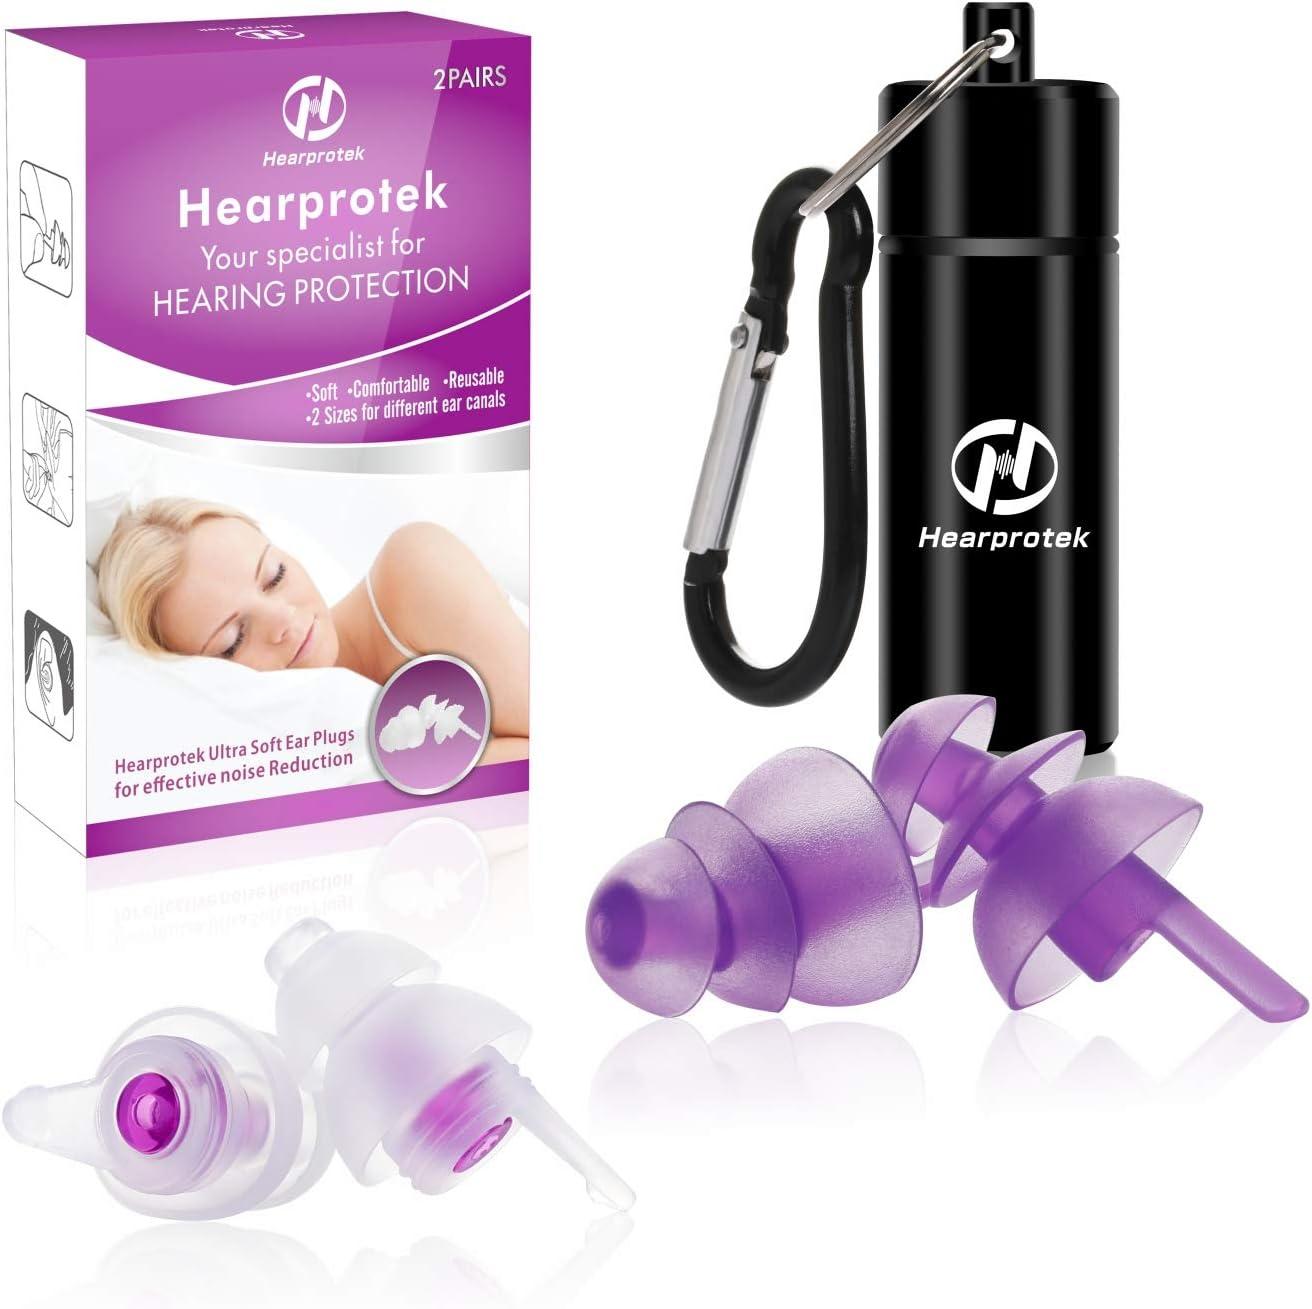 【2019 Nuevo diseño】 Tapones para los oídos para Dormir, Hearprotek 2 Pares Protección Auditiva Tapones(32db & 30db) para reducción de Ruido, Traviesas Laterales, ronquidos, Viajes, Trabajo